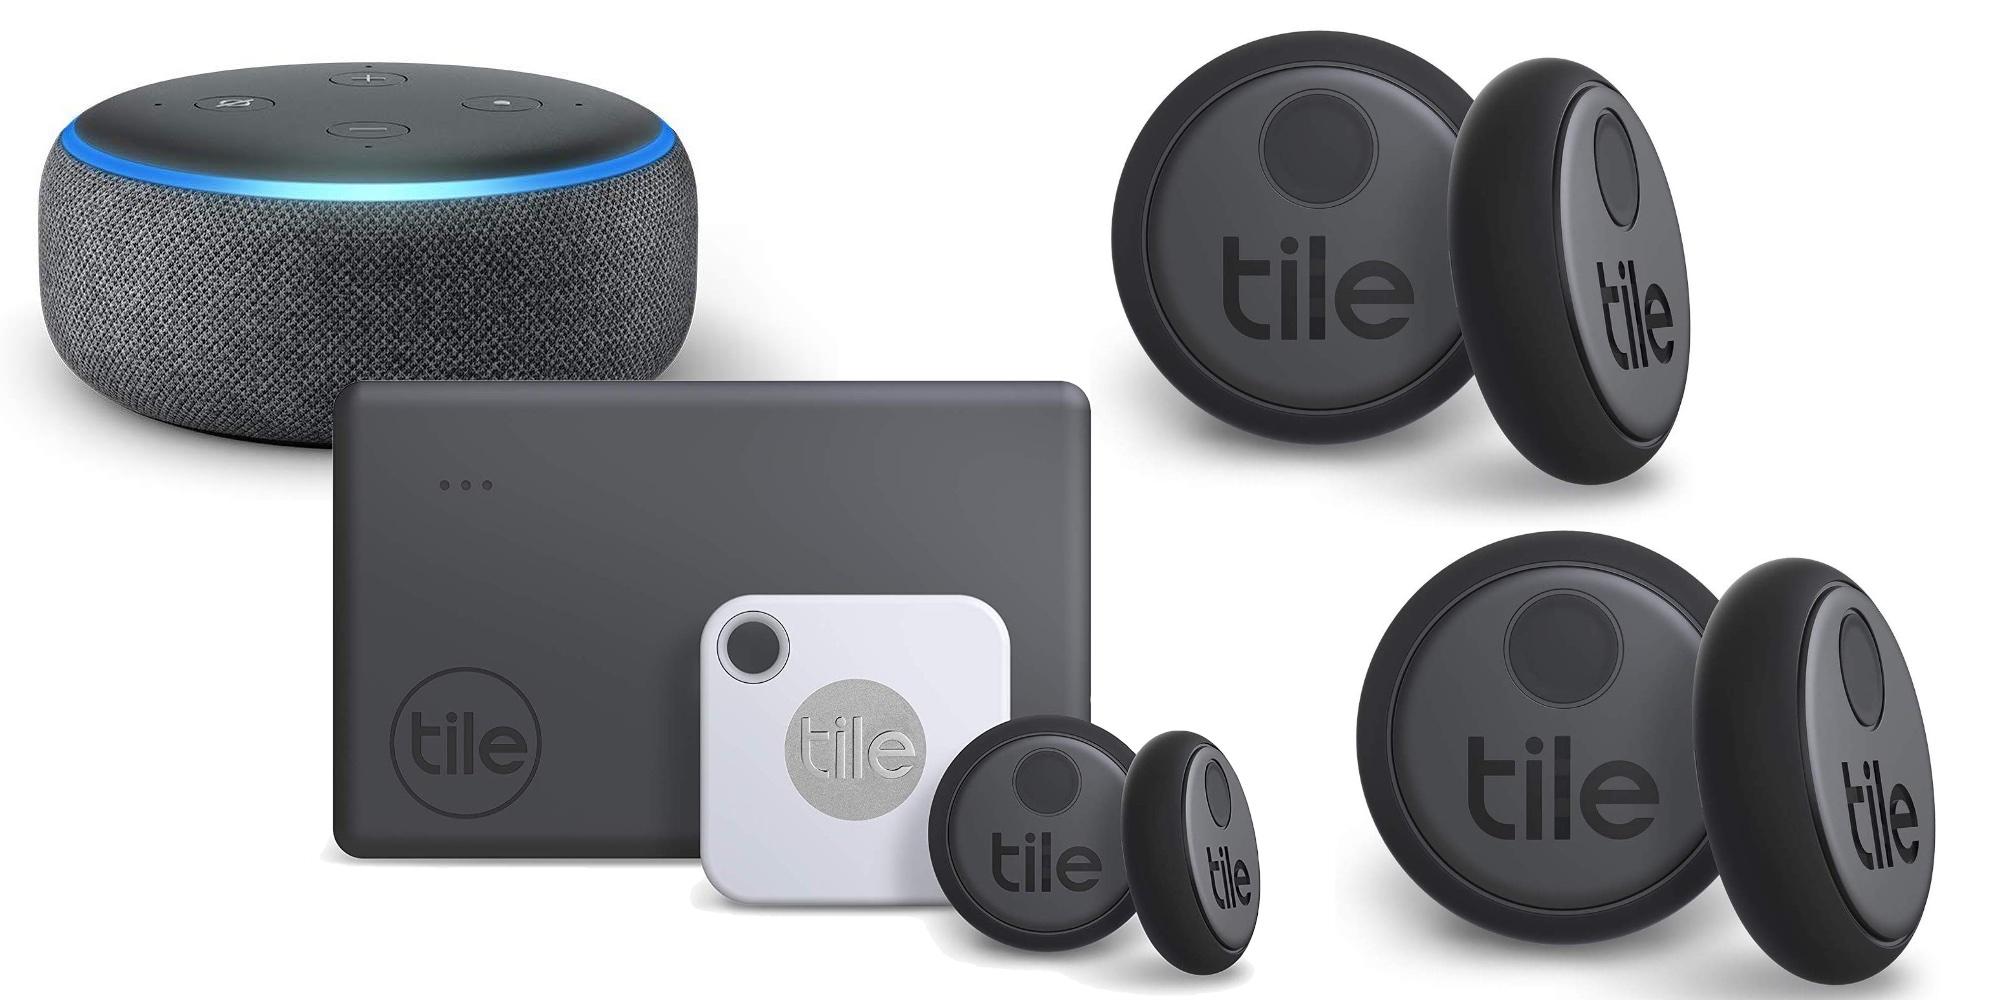 Tile Sticker Deal Bundles An Echo Dot With New Item